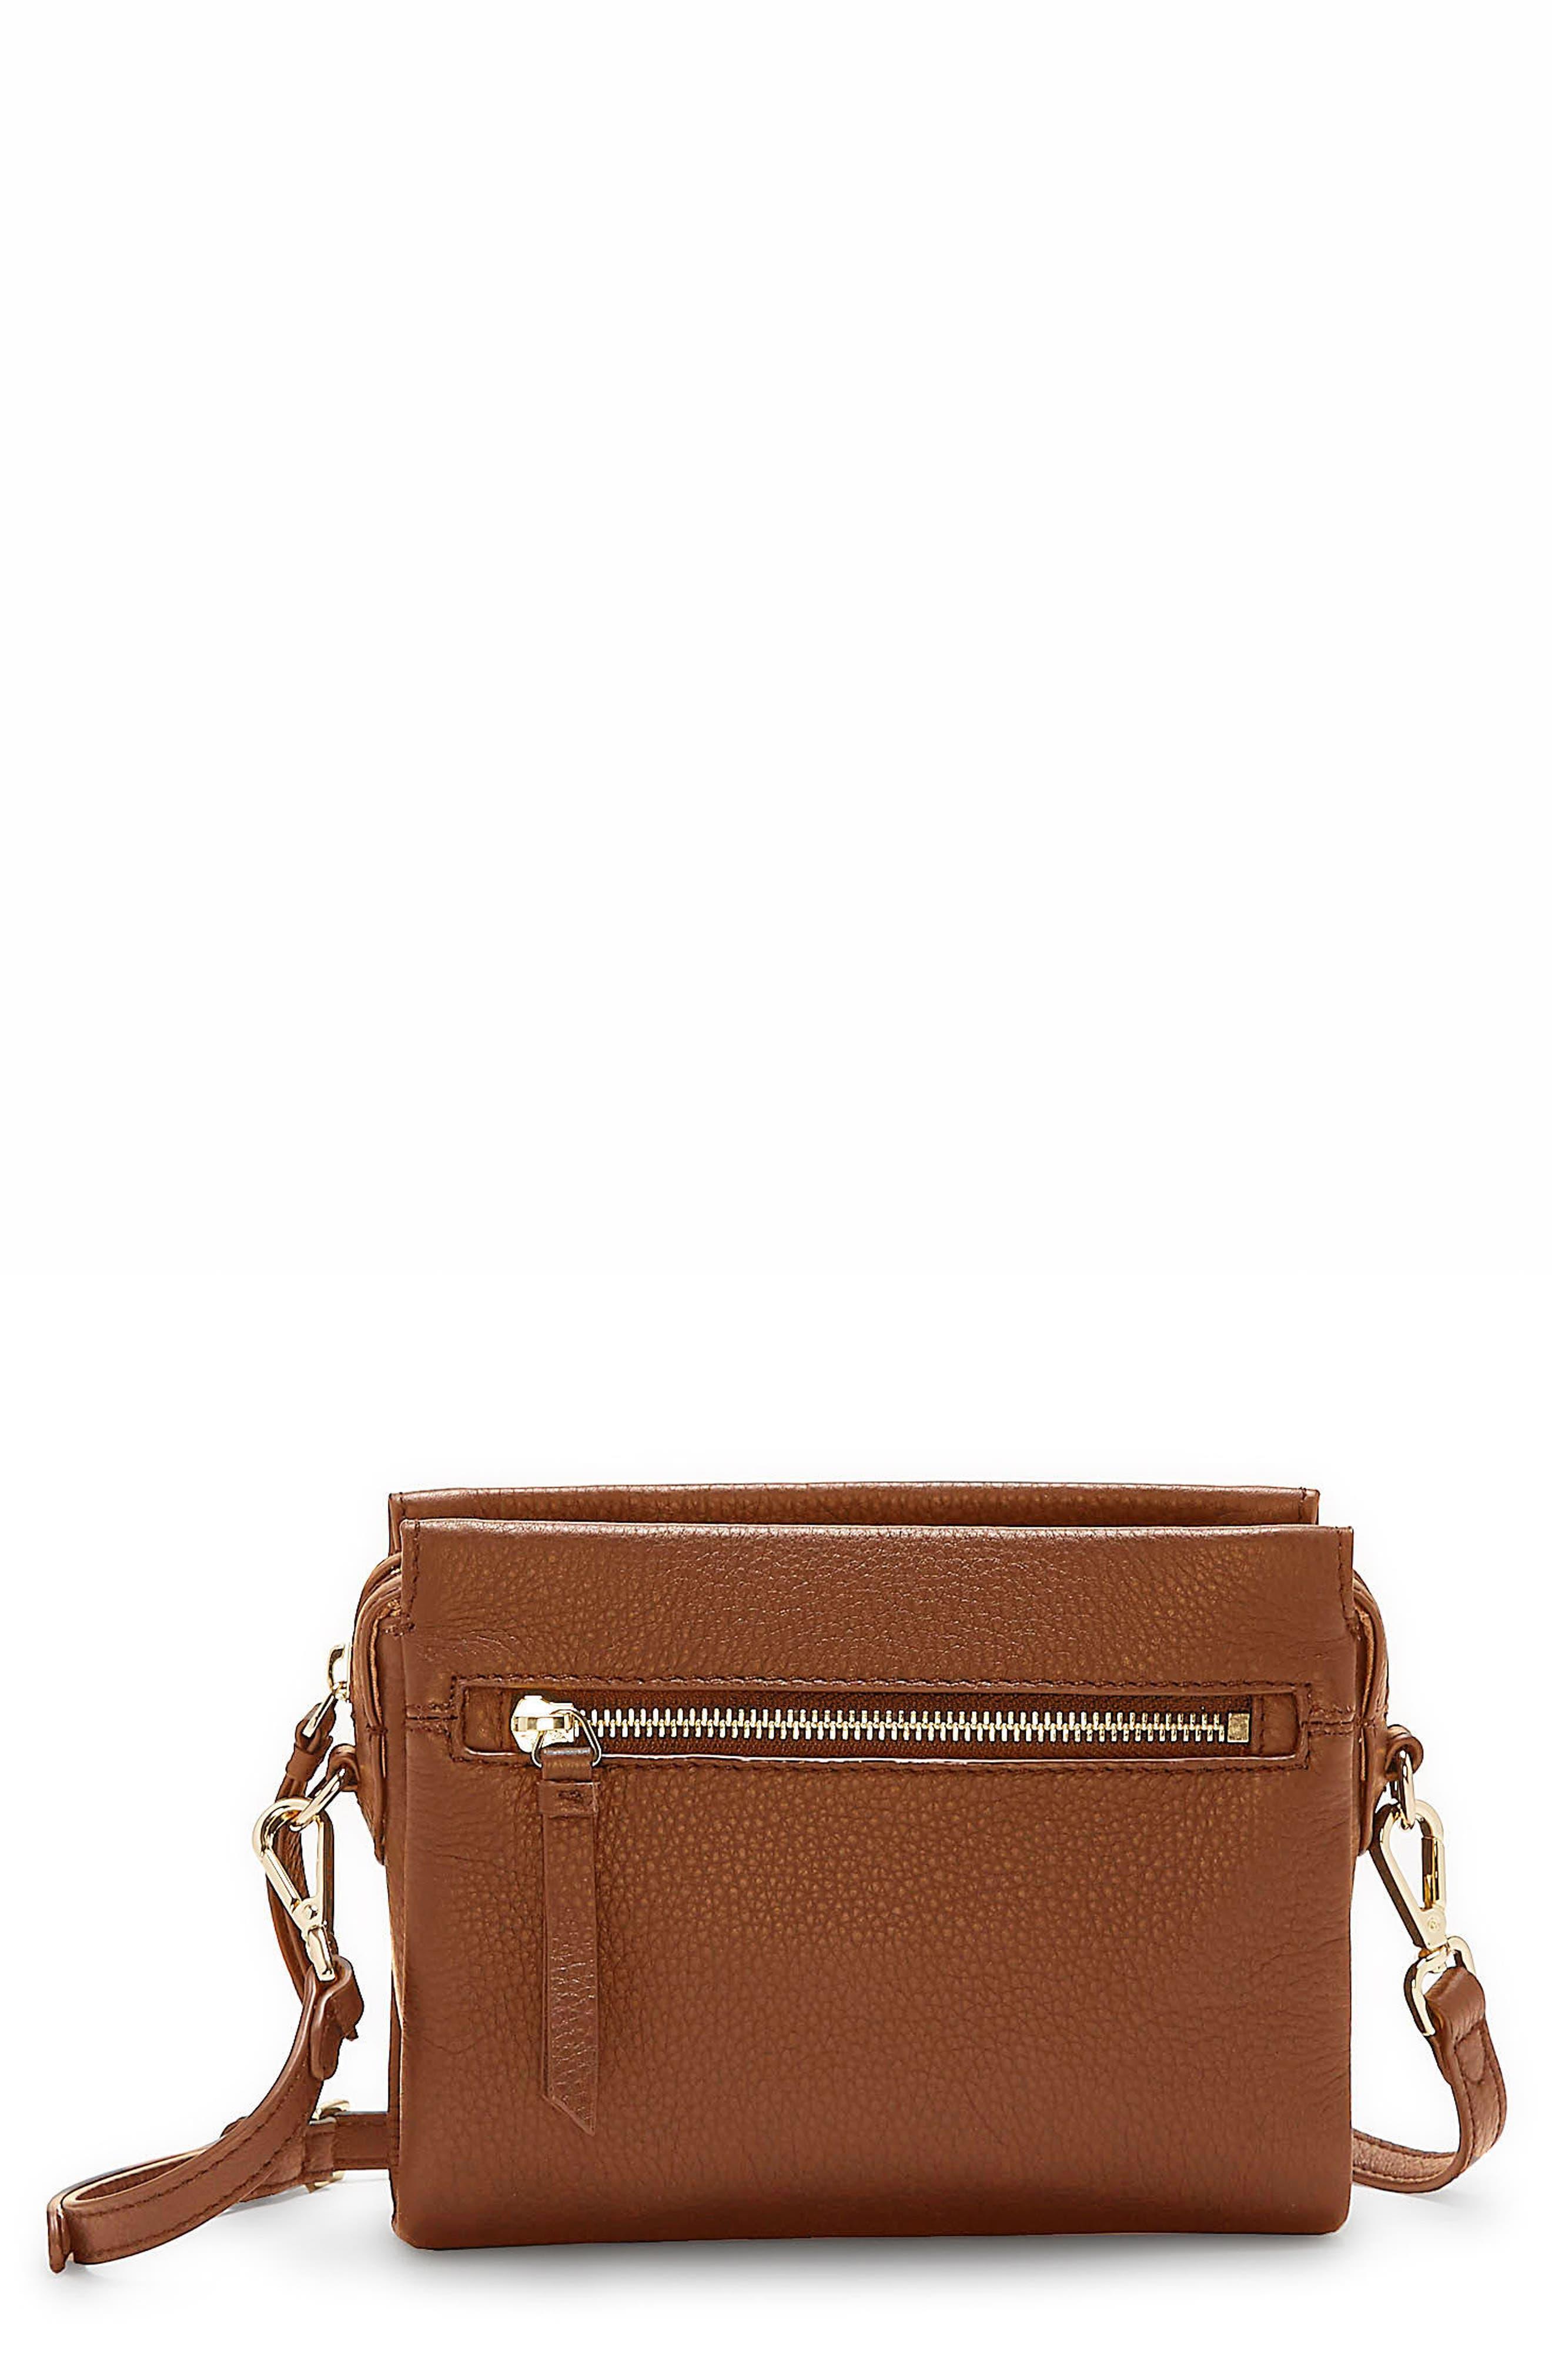 Codec Leather Crossbody Bag,                             Main thumbnail 1, color,                             Dark Rum